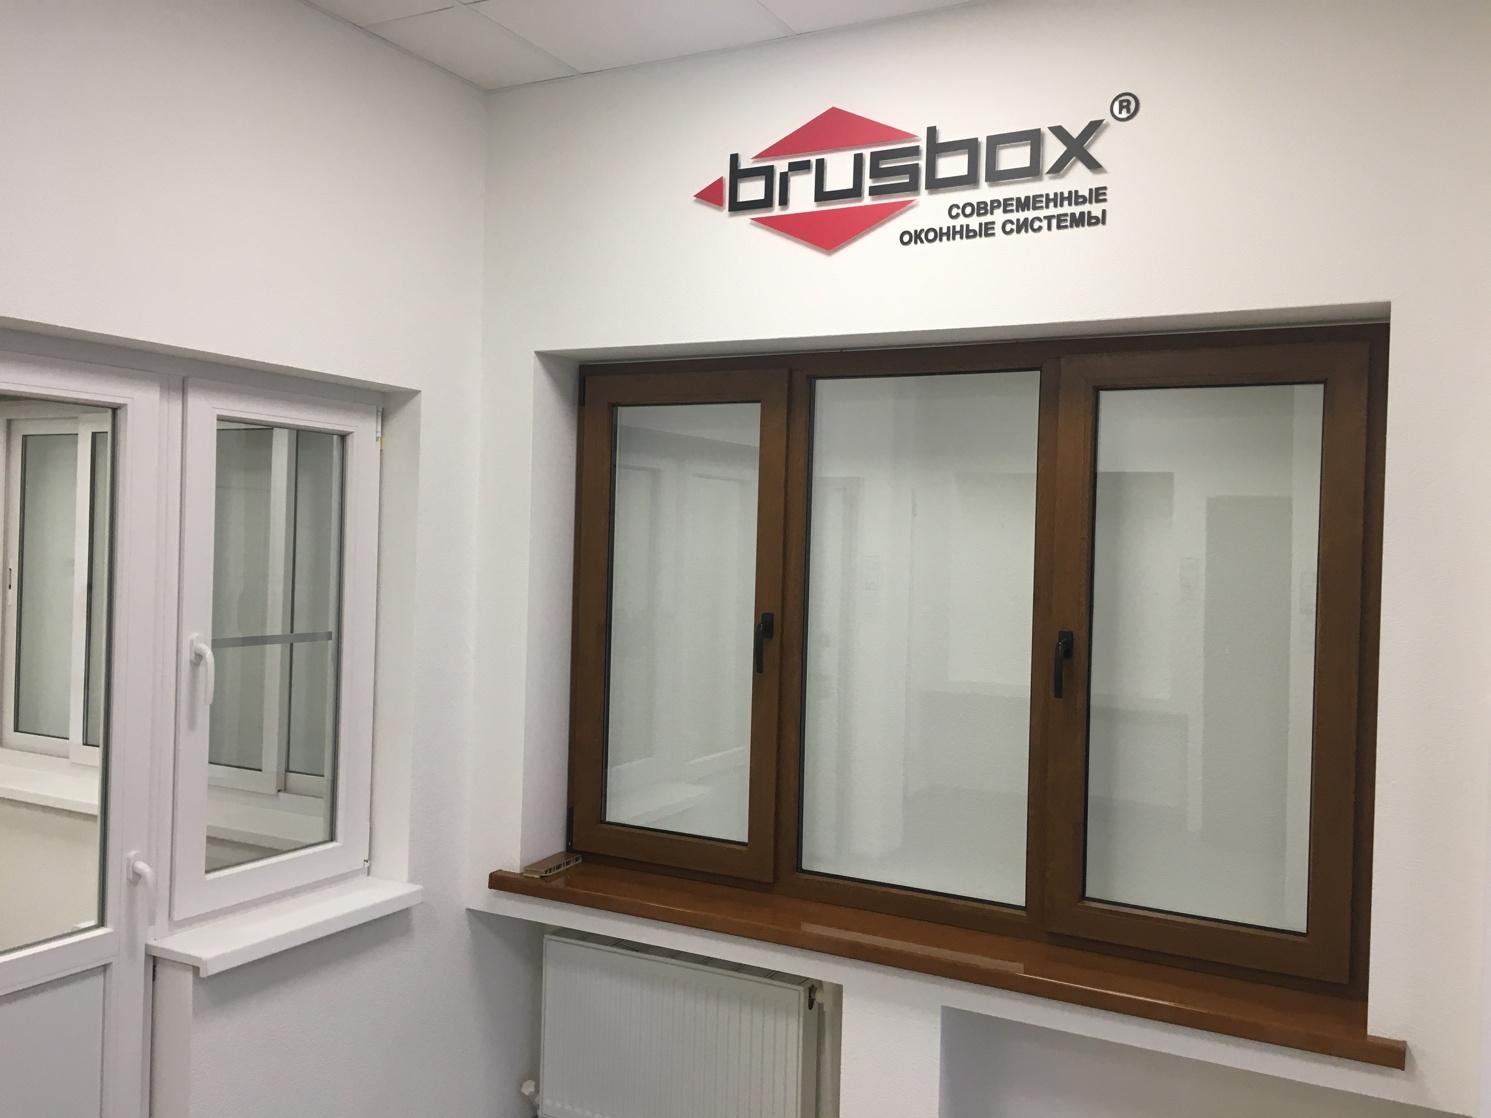 Окна BRUSBOX от лучших производителей